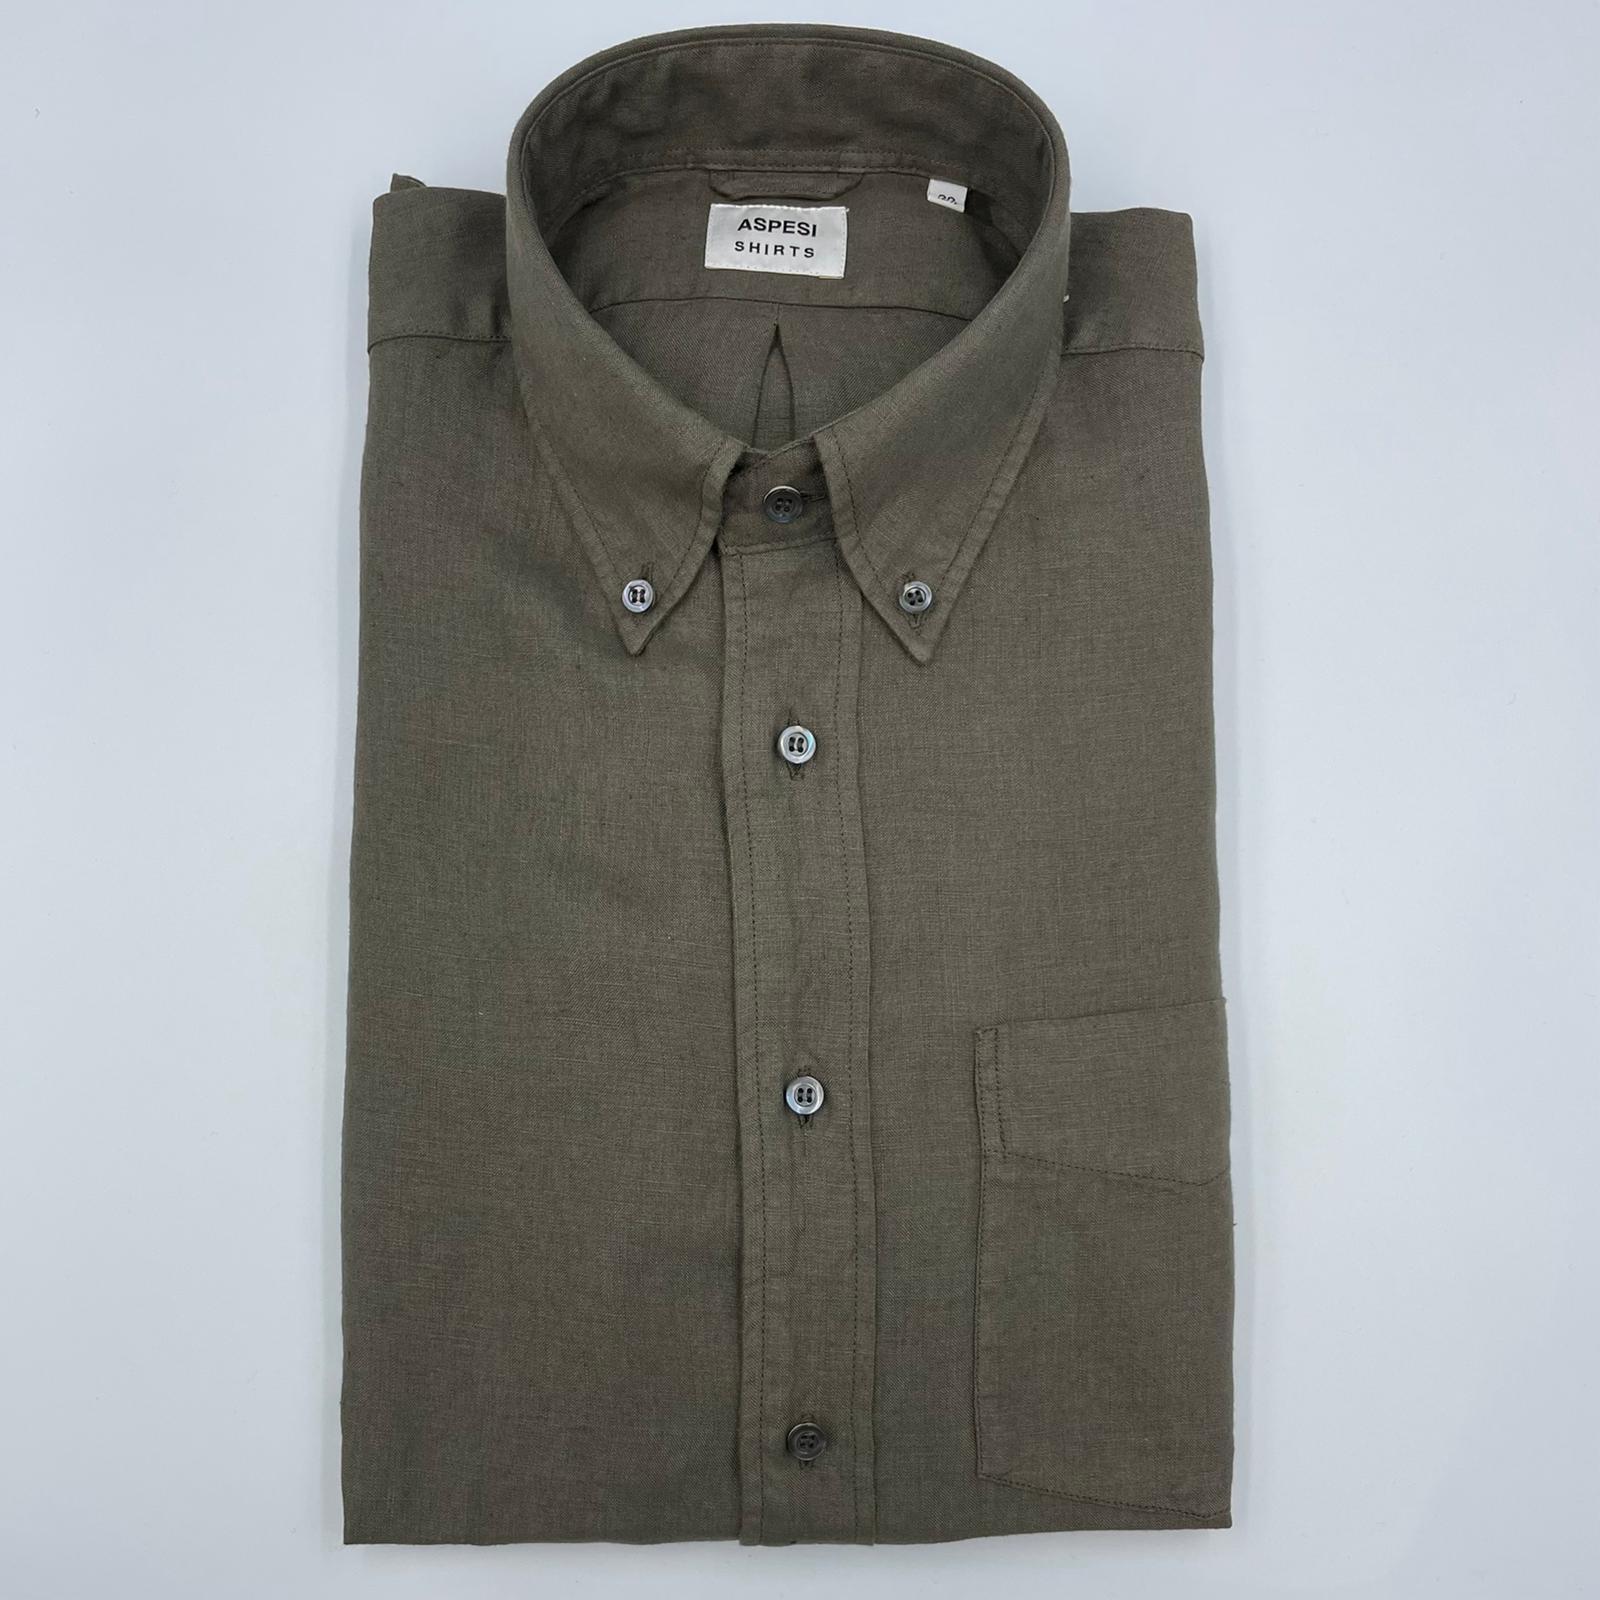 ASPESI Linnen Shirt B.D.Magra Army